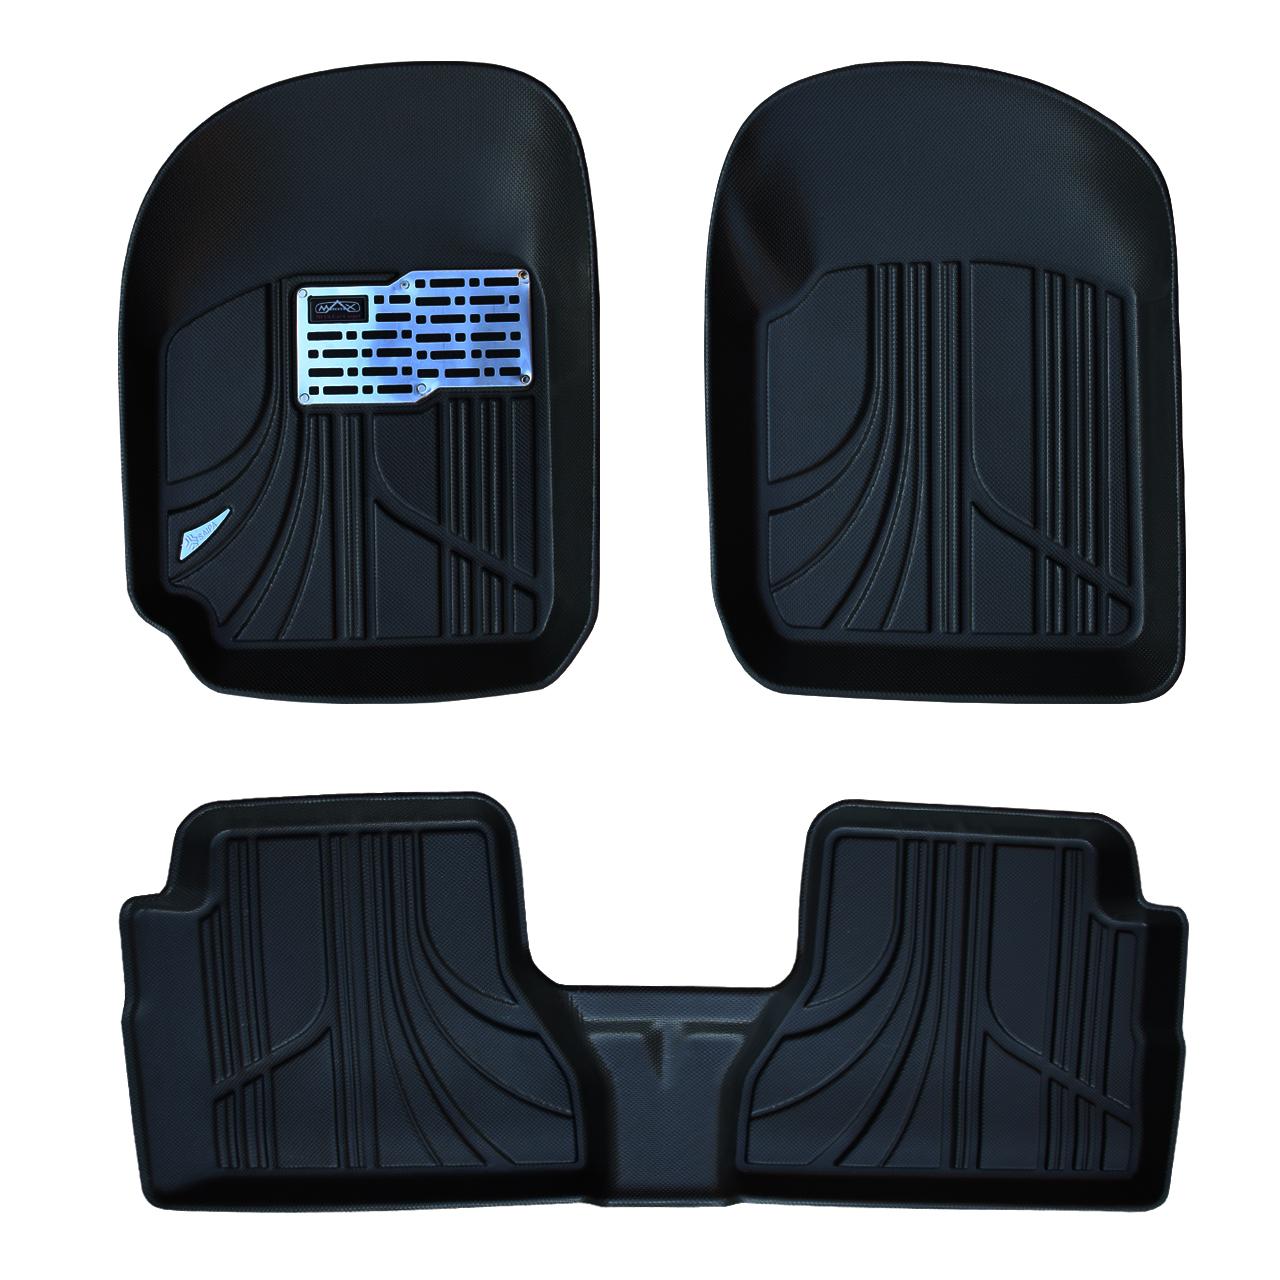 کفپوش سه بعدی خودرو مکس مدل K001 مناسب برای پراید صبا